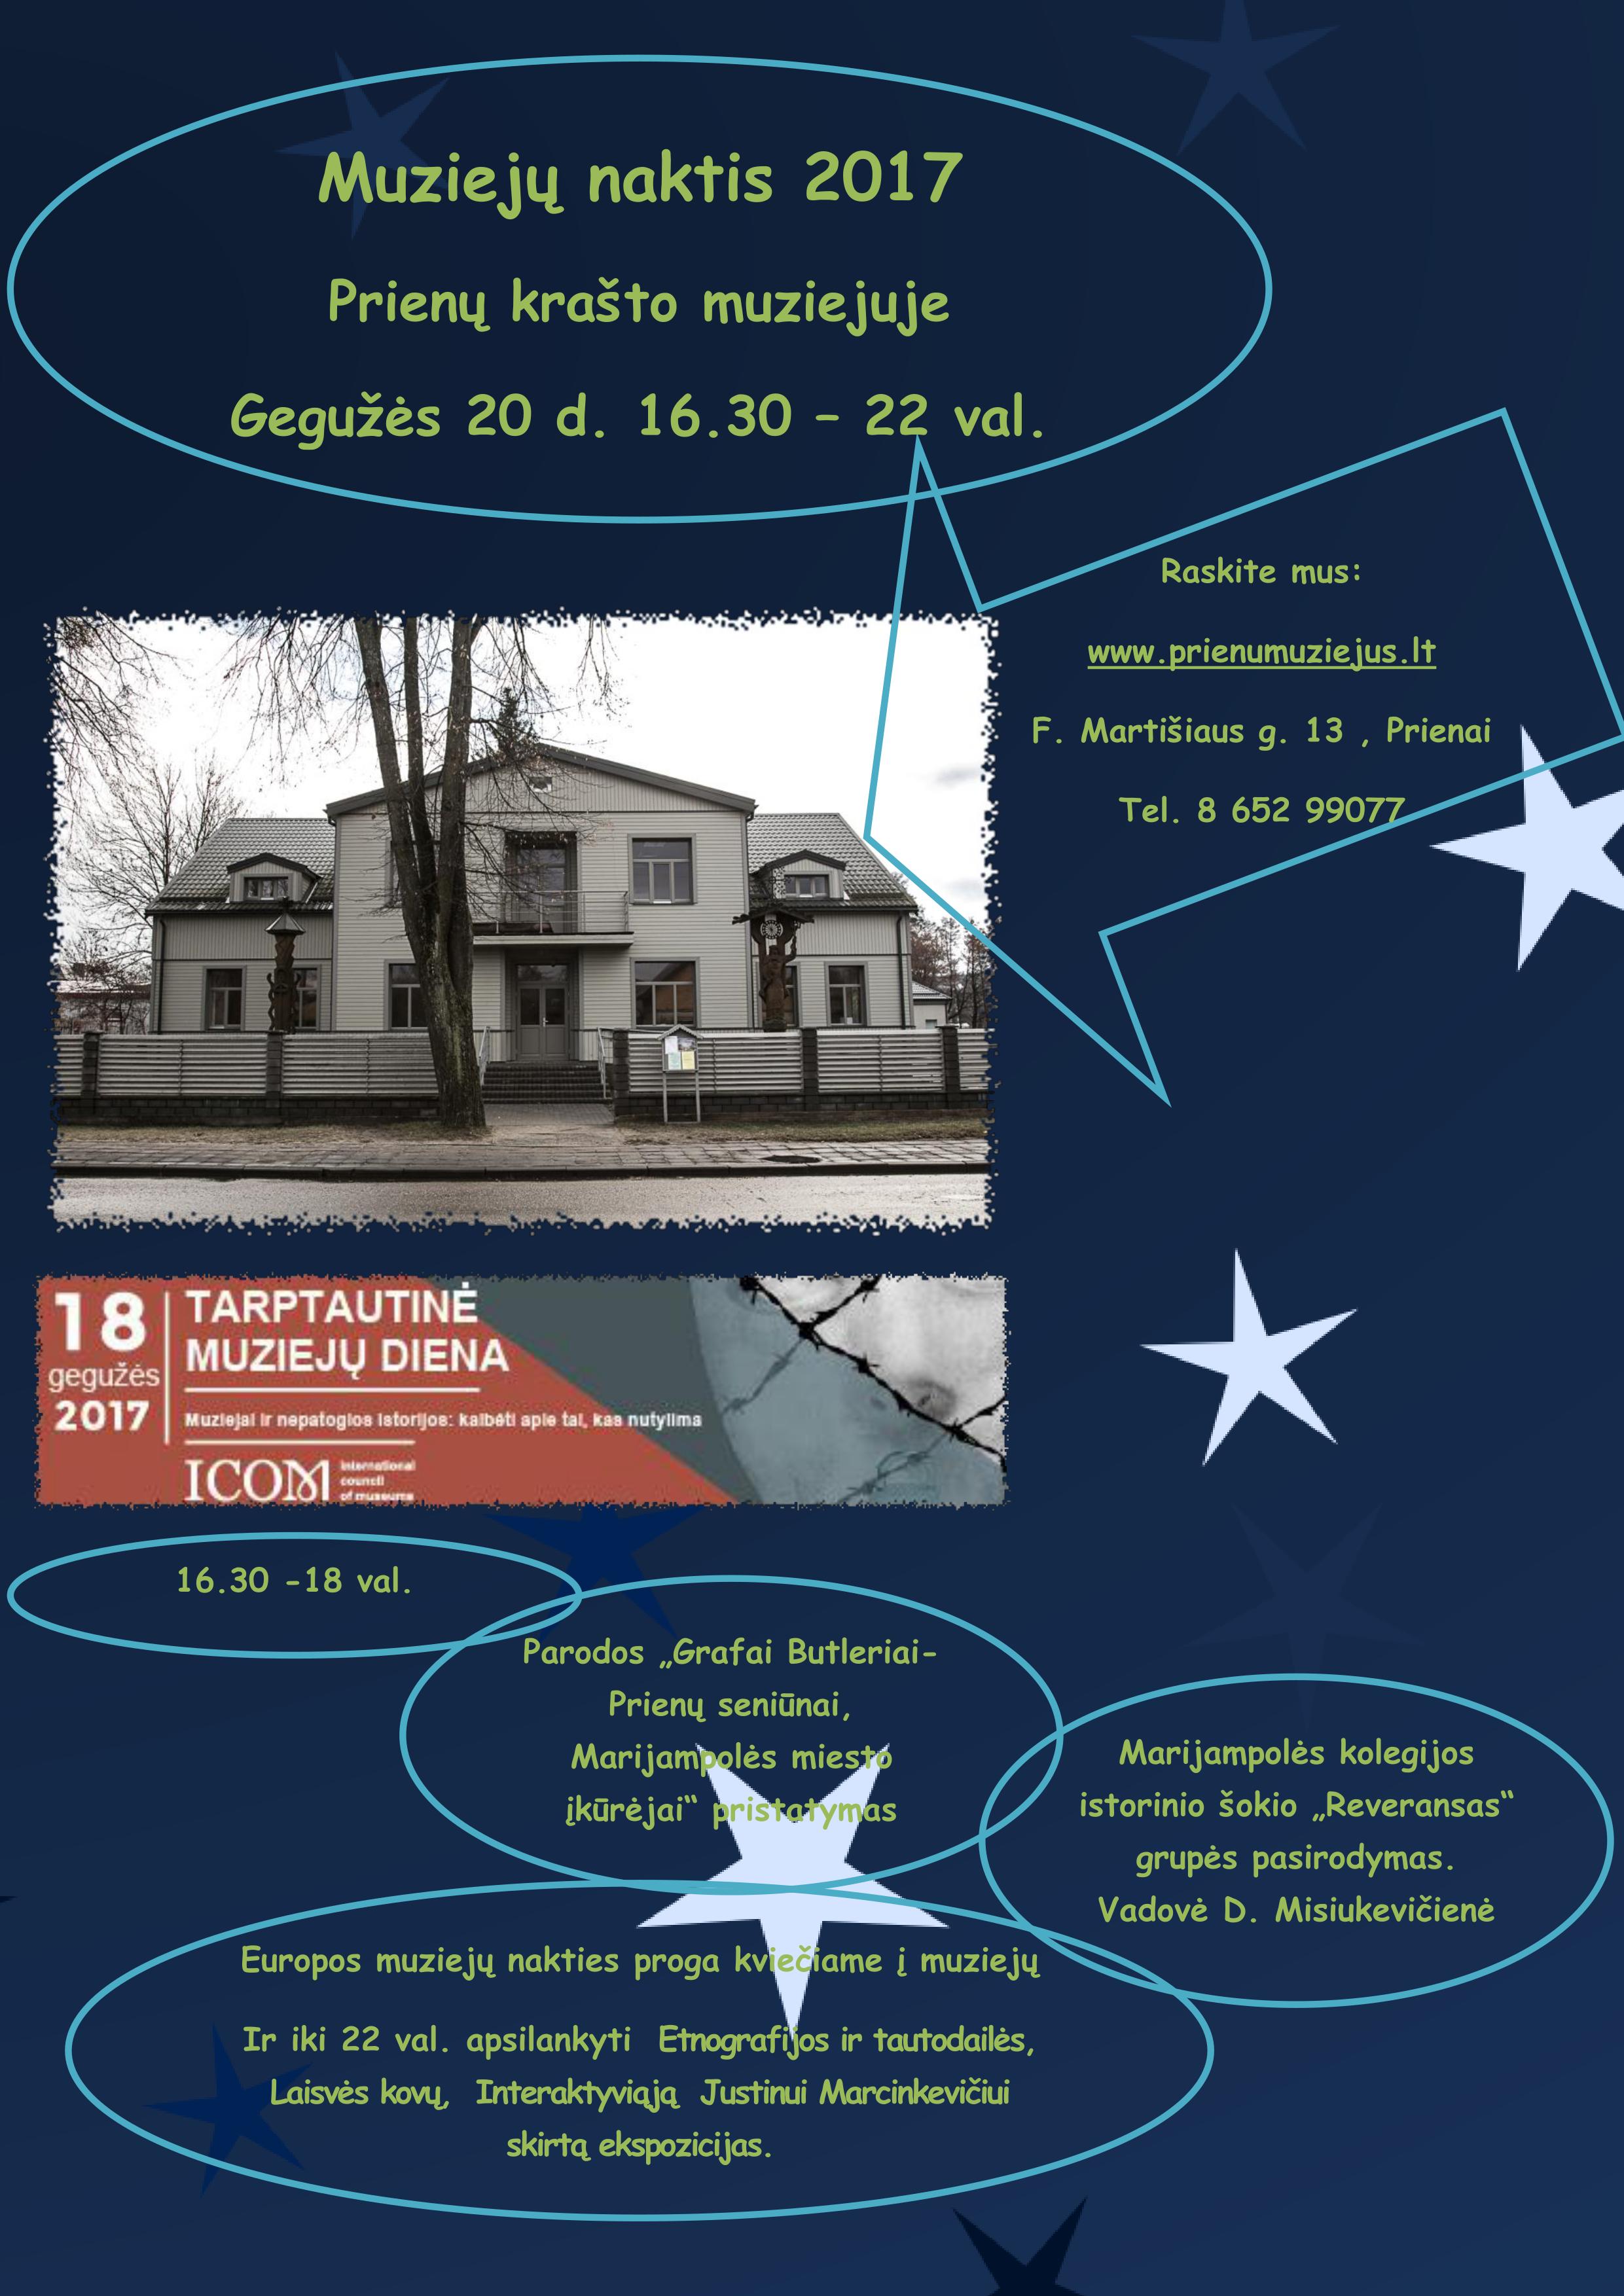 Muzieju_naktis_skelbimas_galutinis